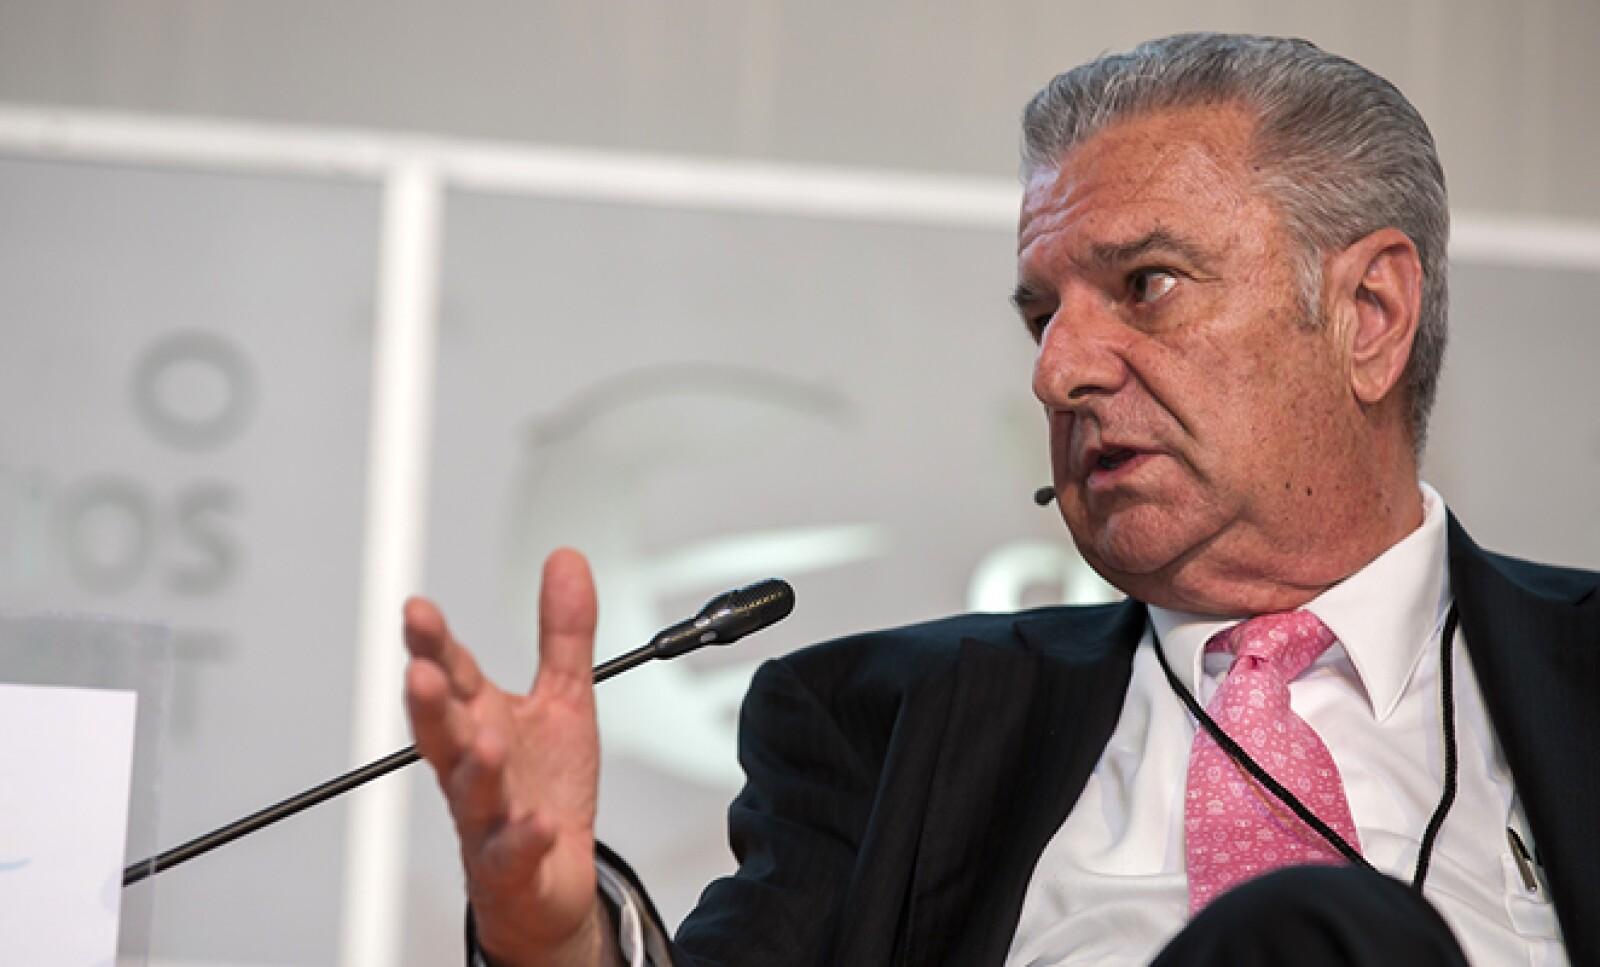 El doctor Mauro Loyo participó en un panel sobre cómo impulsar la industria farmacéutica mexicana en el mundo.